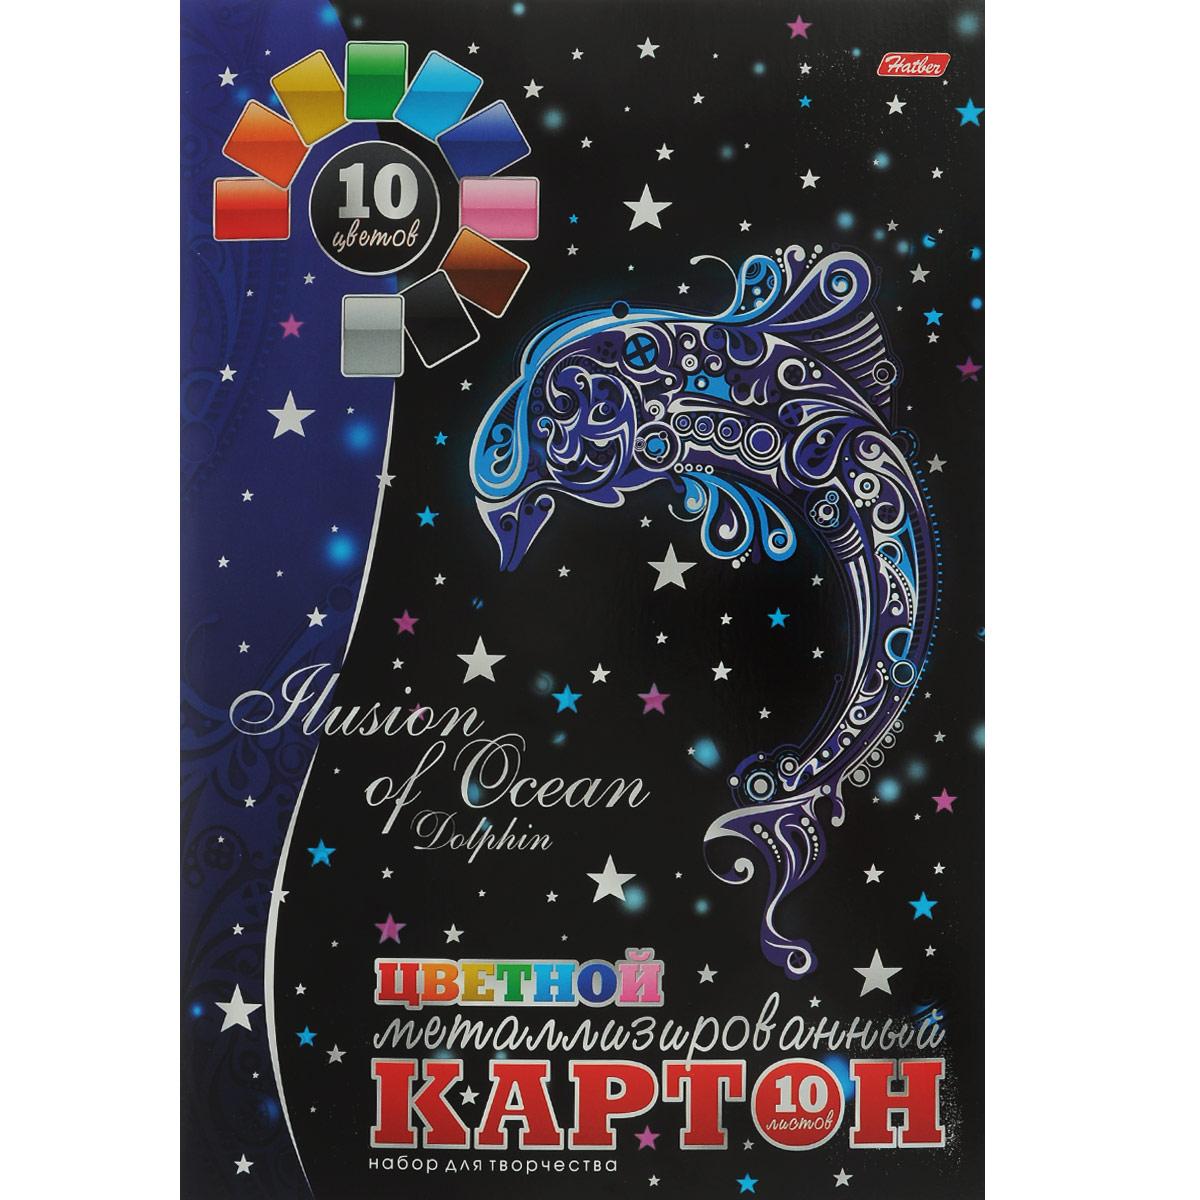 Картон цветной Hatber Дельфин, металлизированный, 10 цв, формат А400747Картон цветной Hatber Дельфин, металлизированный, позволит создавать всевозможные аппликации и поделки. Набор включает 10 листов одностороннего цветного картона формата А4. Цвета: красный, серебристый, синий, коричневый, черный, золотистый, светло - коричневый, зеленый, фиолетовый, желтый. Создание поделок из цветного картона позволяет ребенку развивать творческие способности, кроме того, это увлекательный досуг.